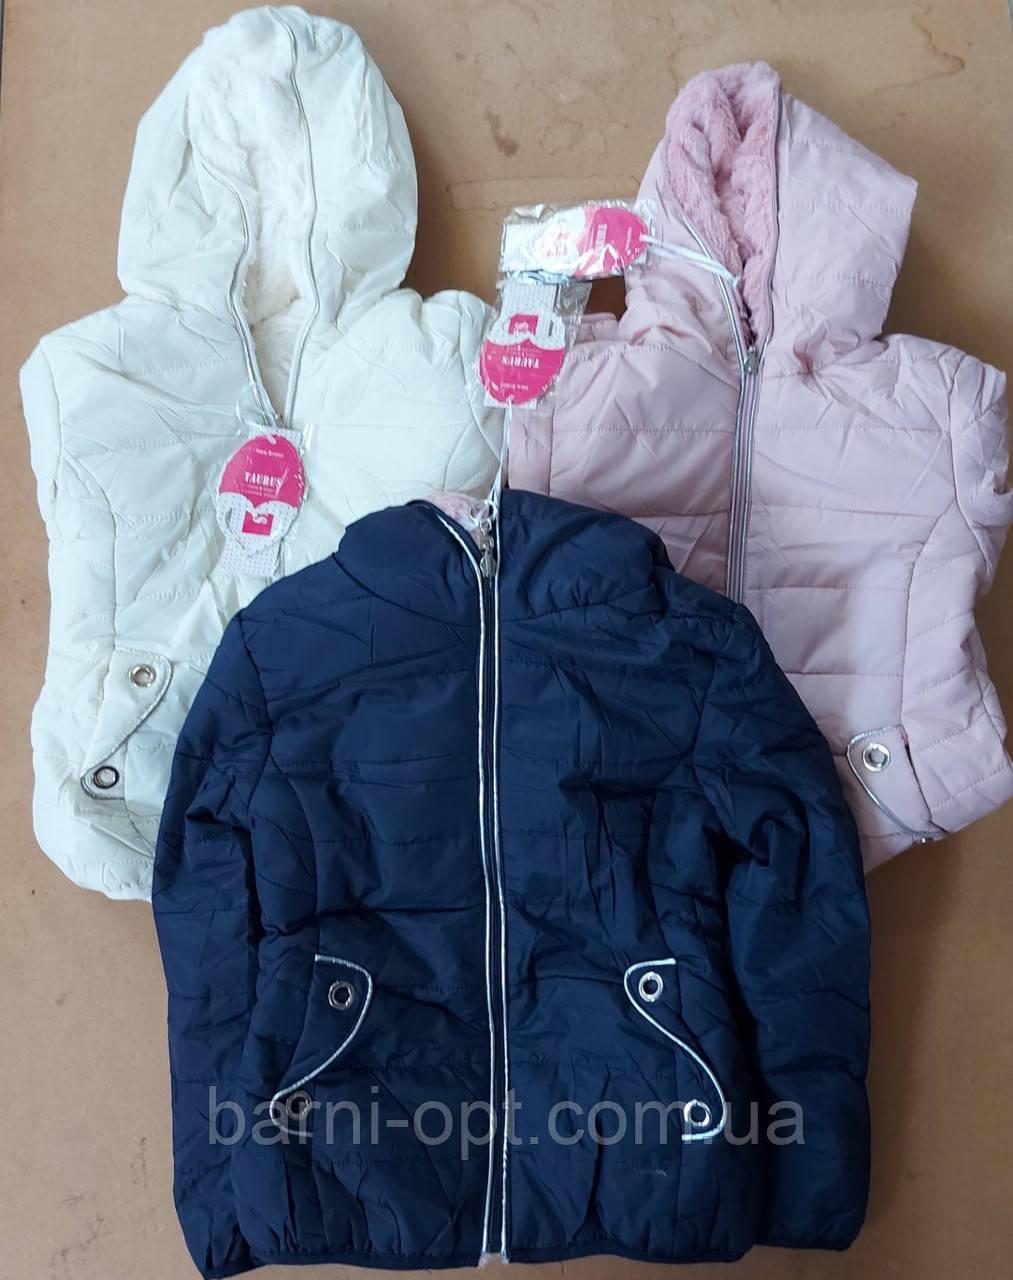 Куртки двухсторонние на девочку оптом , Taurus, 4-12 рр